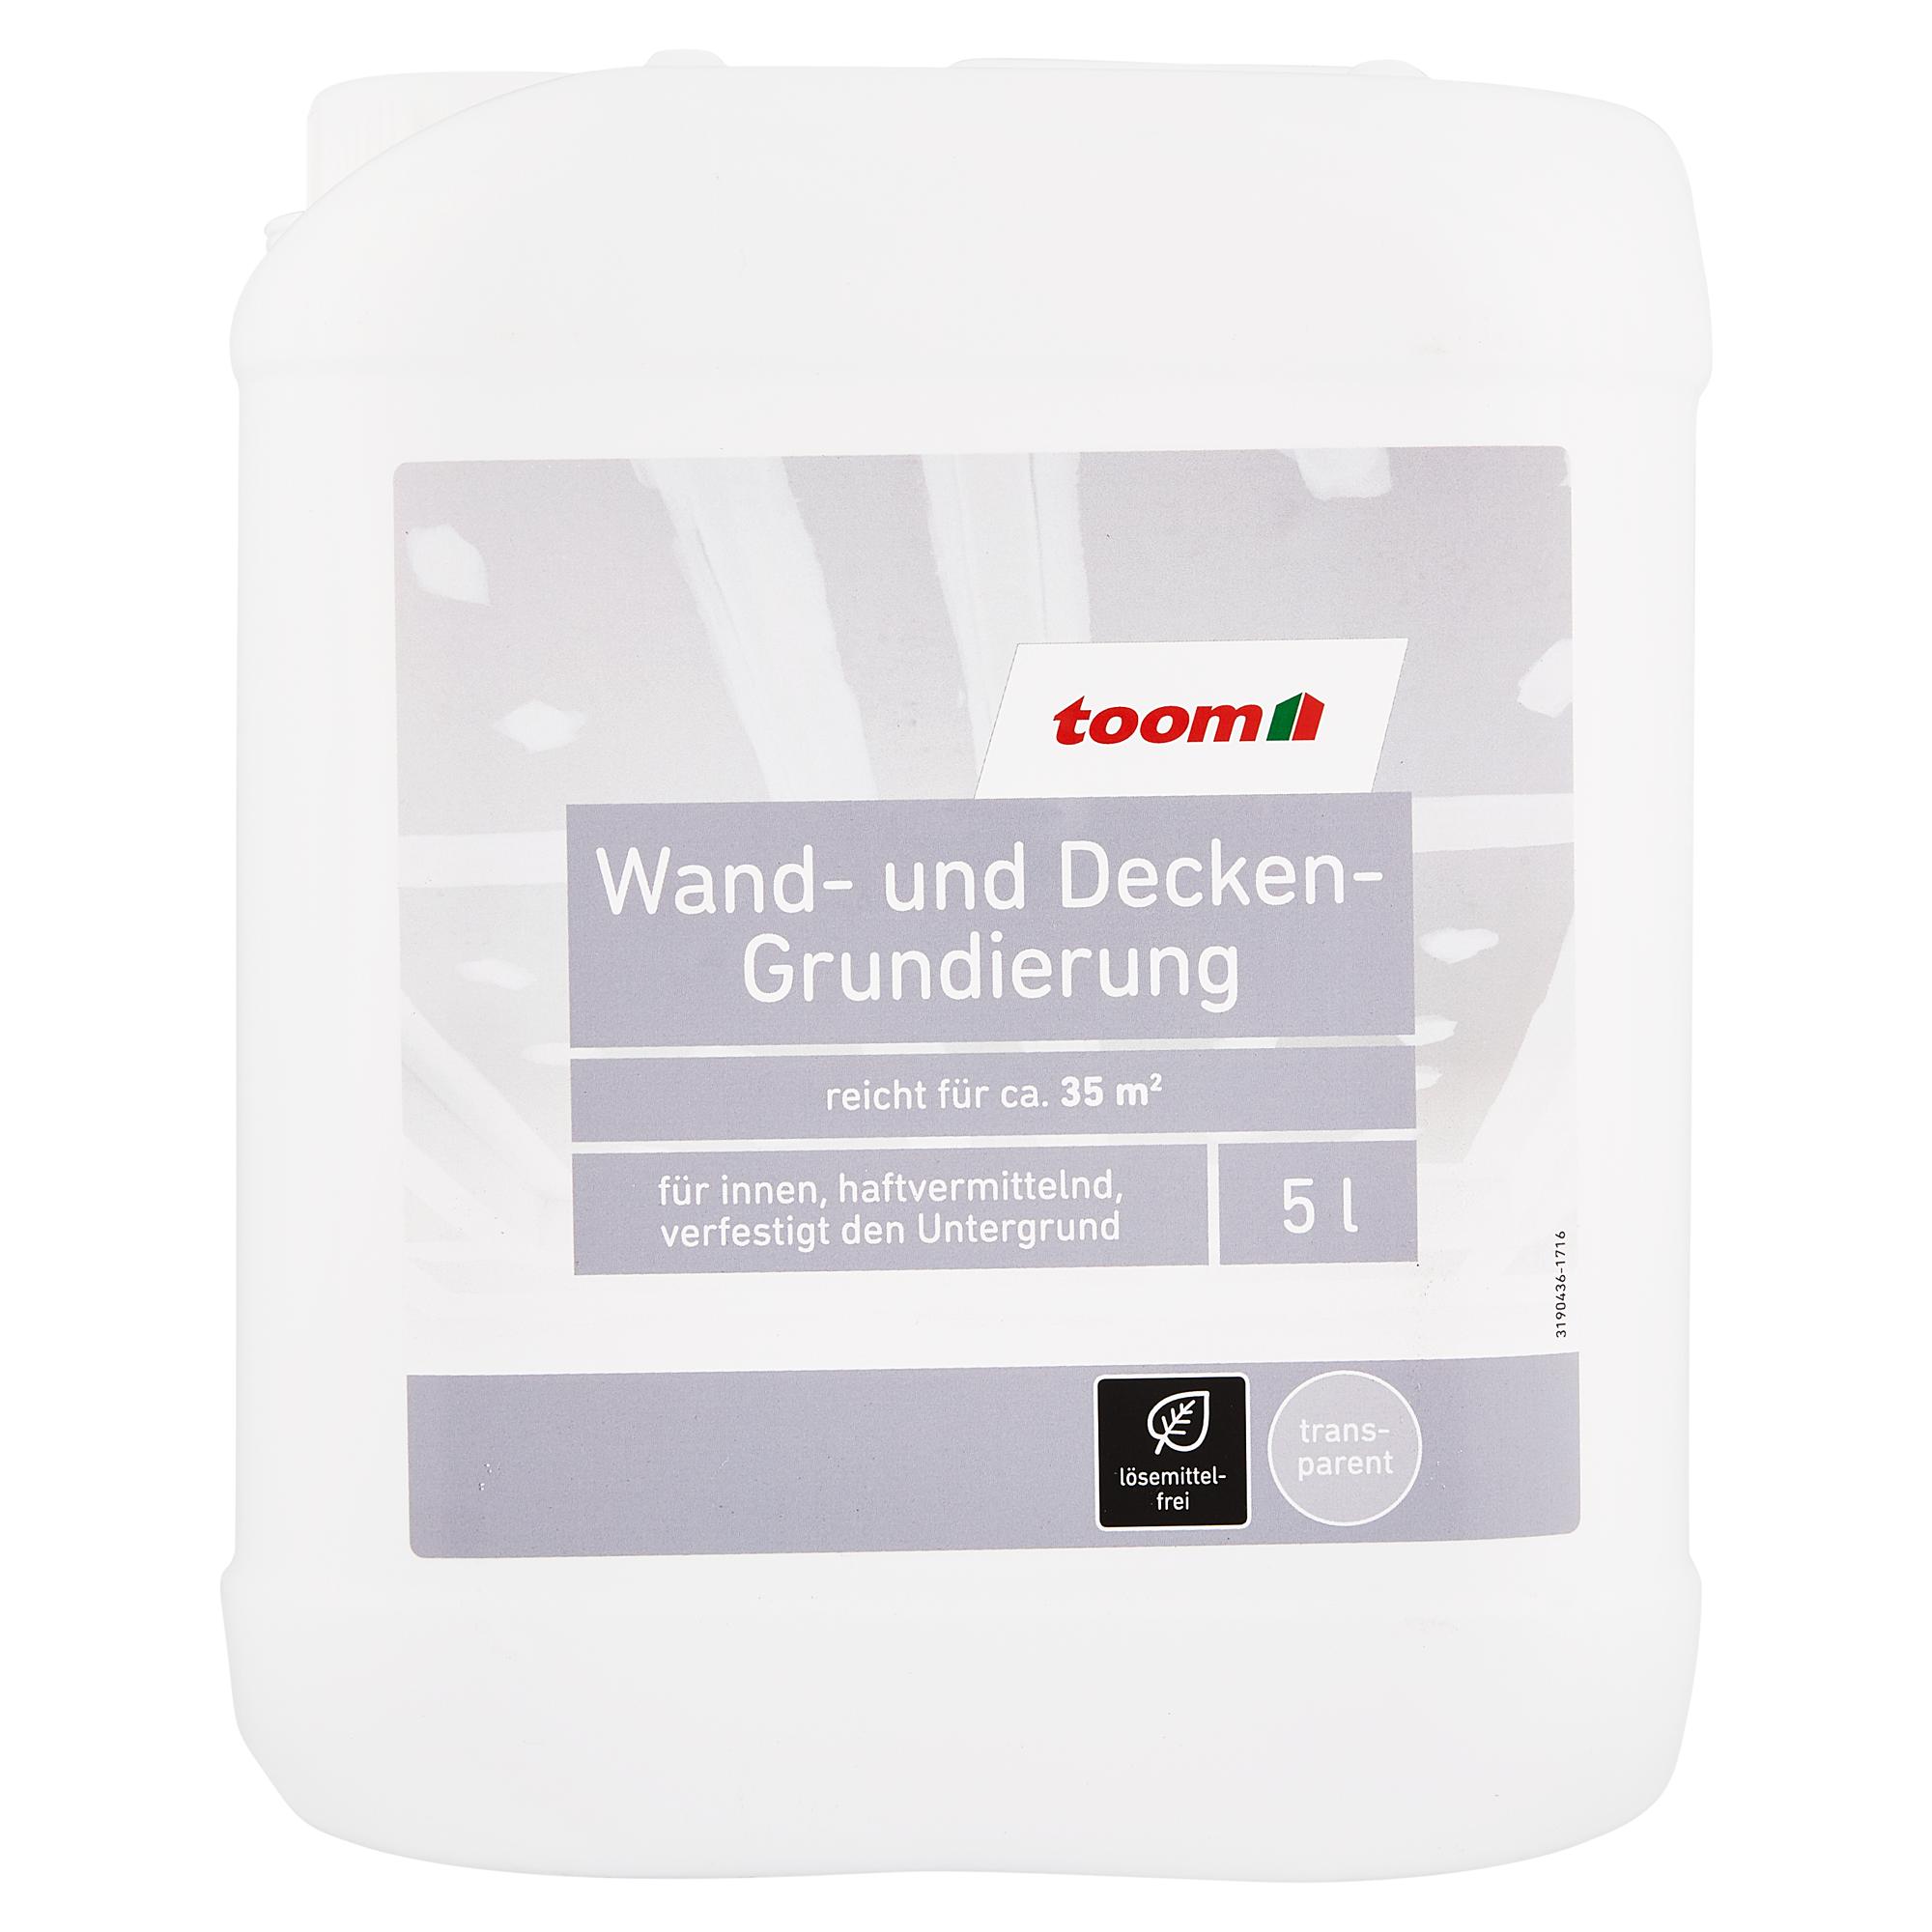 toom wand- und decken-grundierung transparent 5 l ǀ toom baumarkt